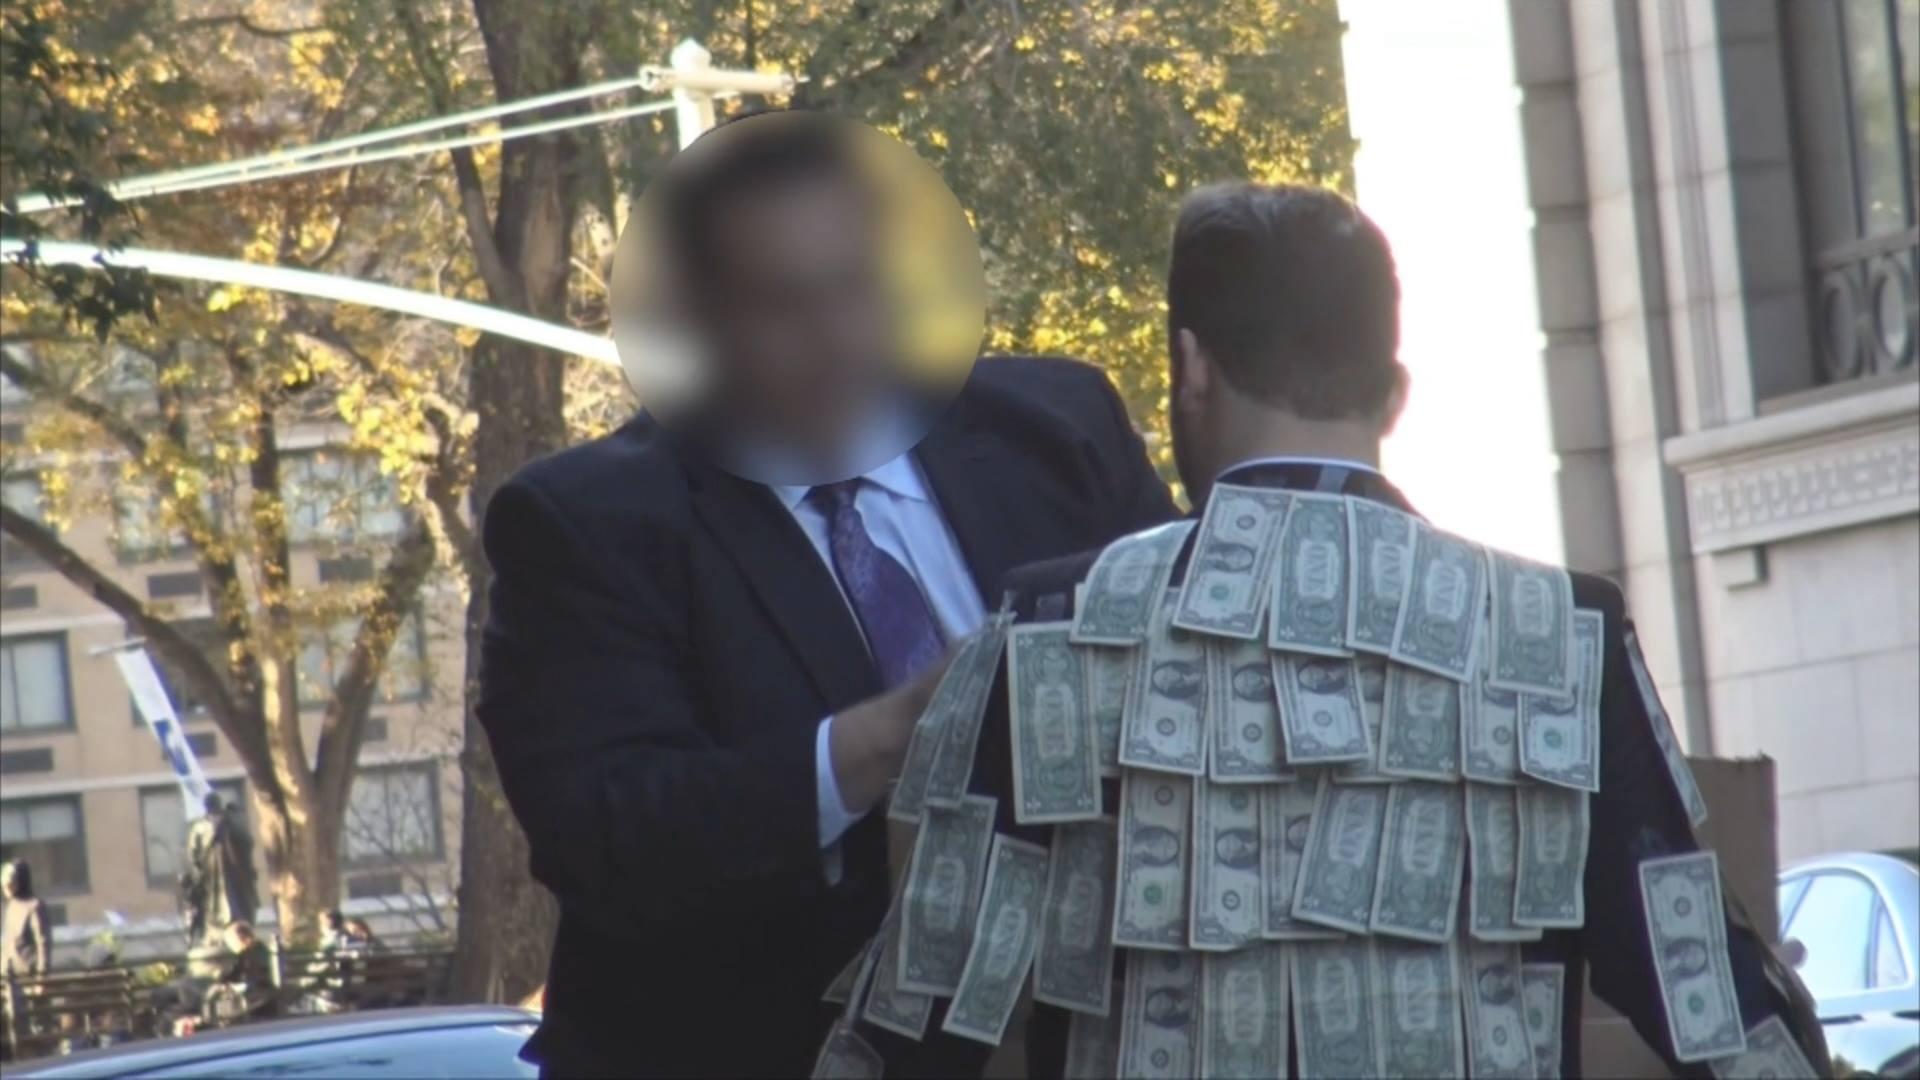 Money Suit Experiment